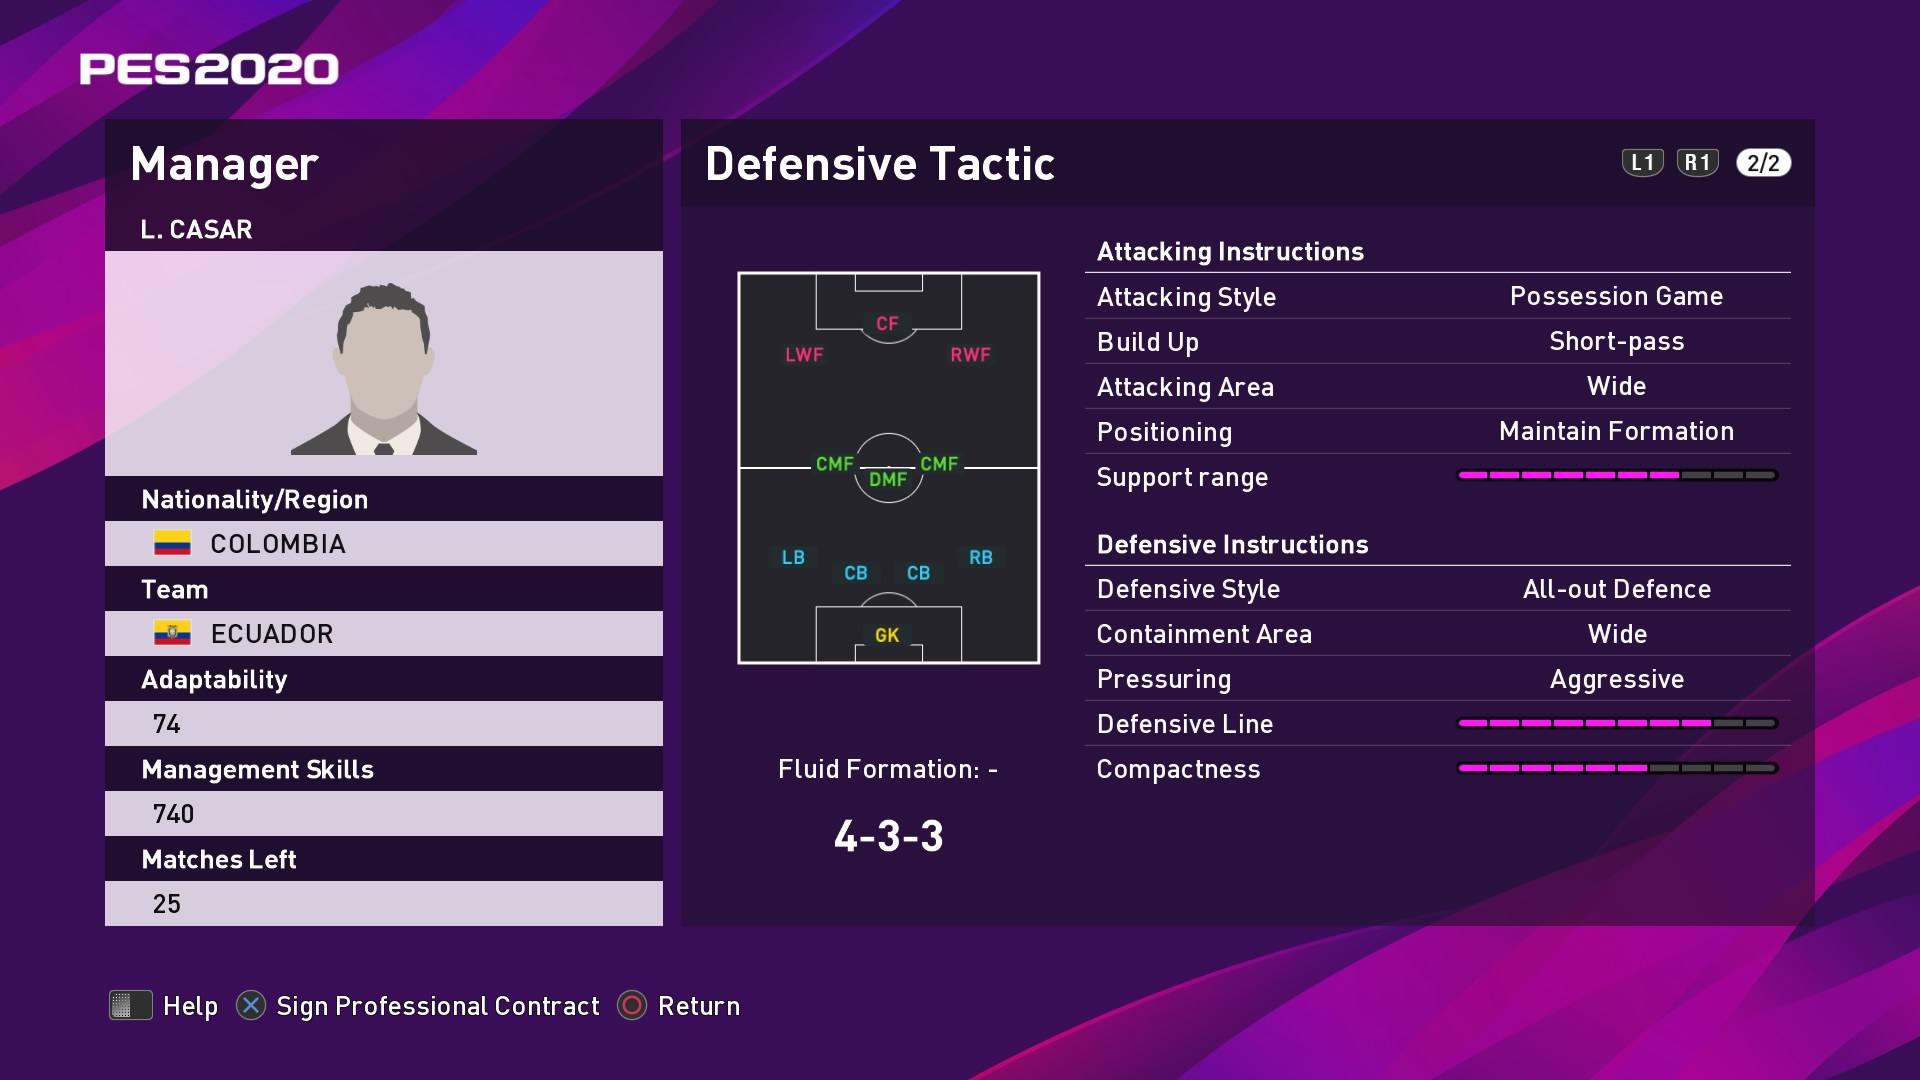 L. Casar (Hernán Darío Gómez) Defensive Tactic in PES 2020 myClub